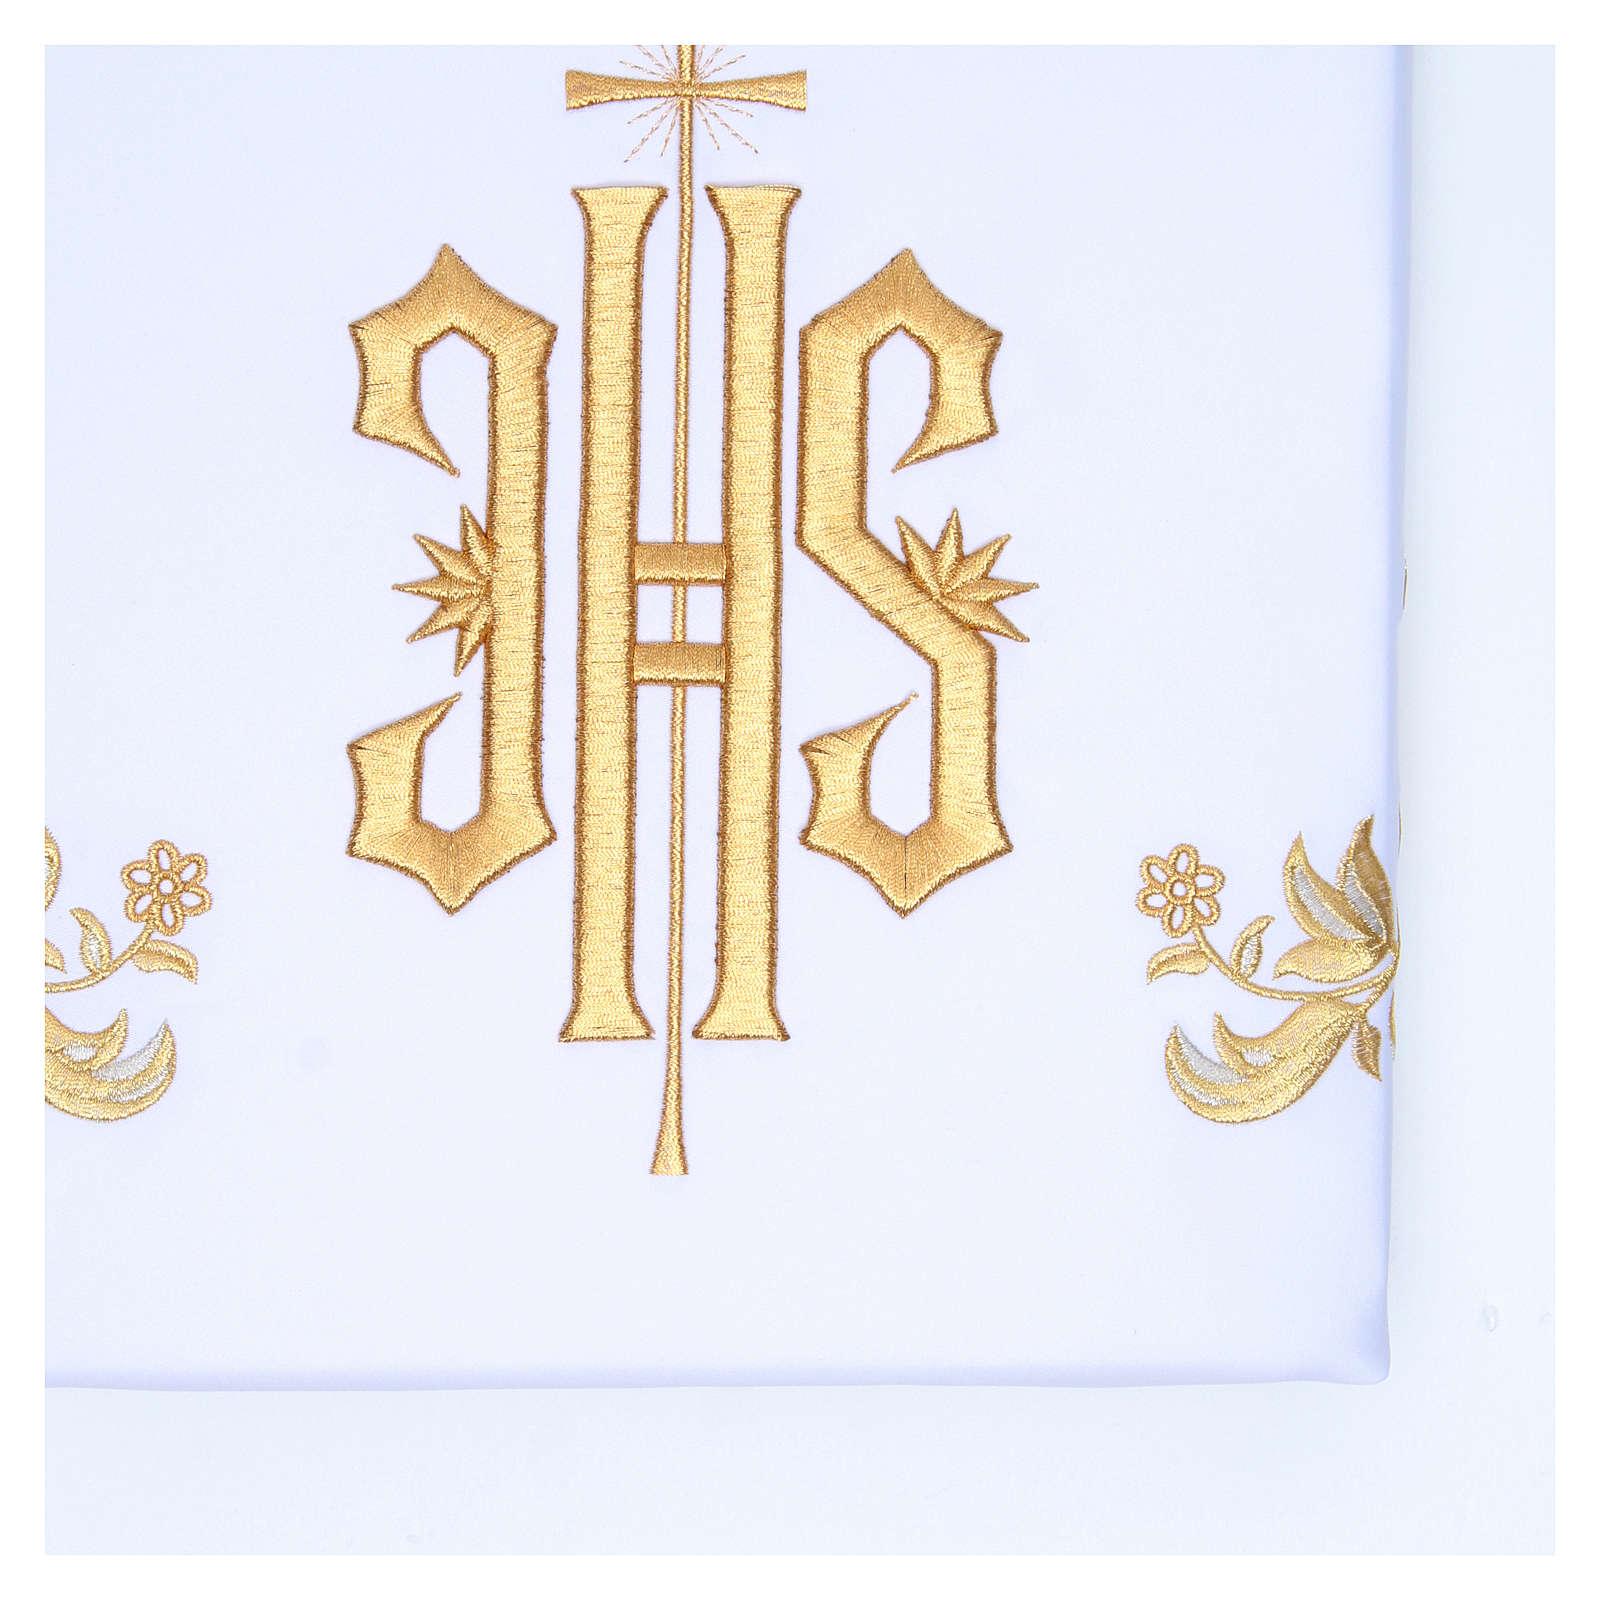 Tovaglia per altare 165x300 cm ricami dorati stile barocco 4